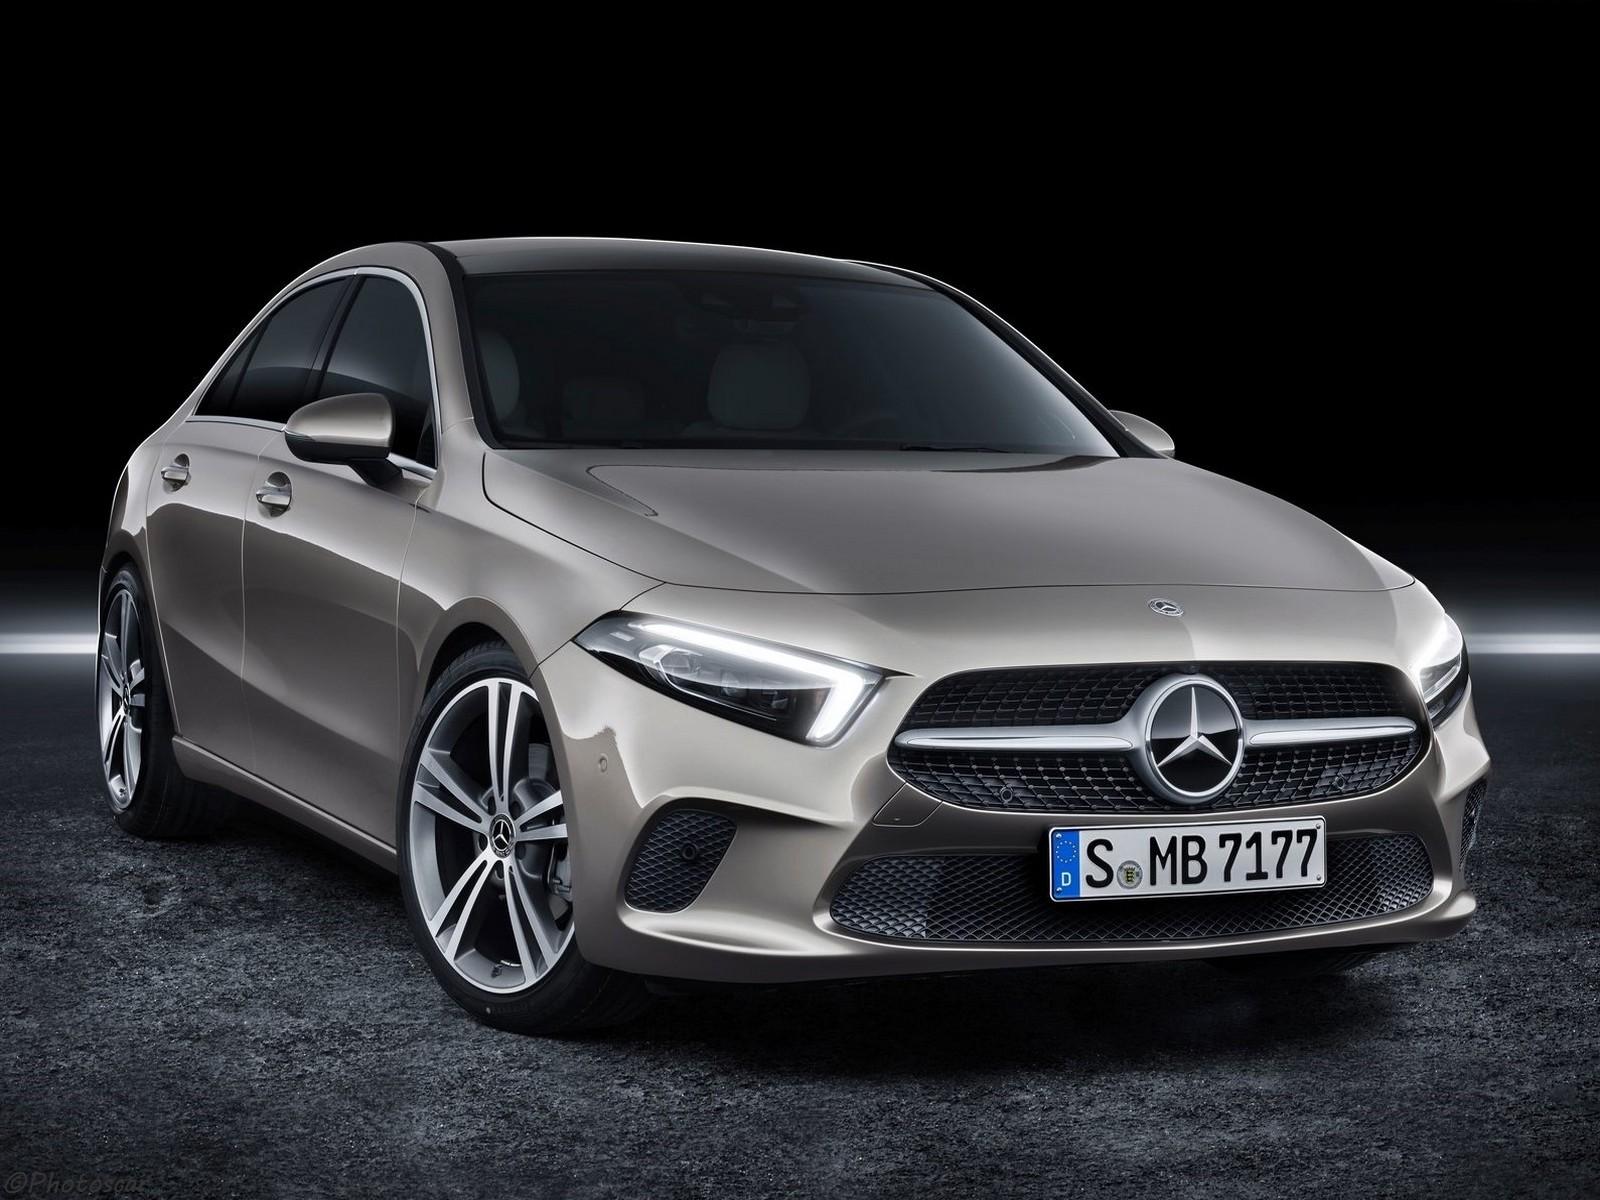 Mercedes Classe A Sedan 2019